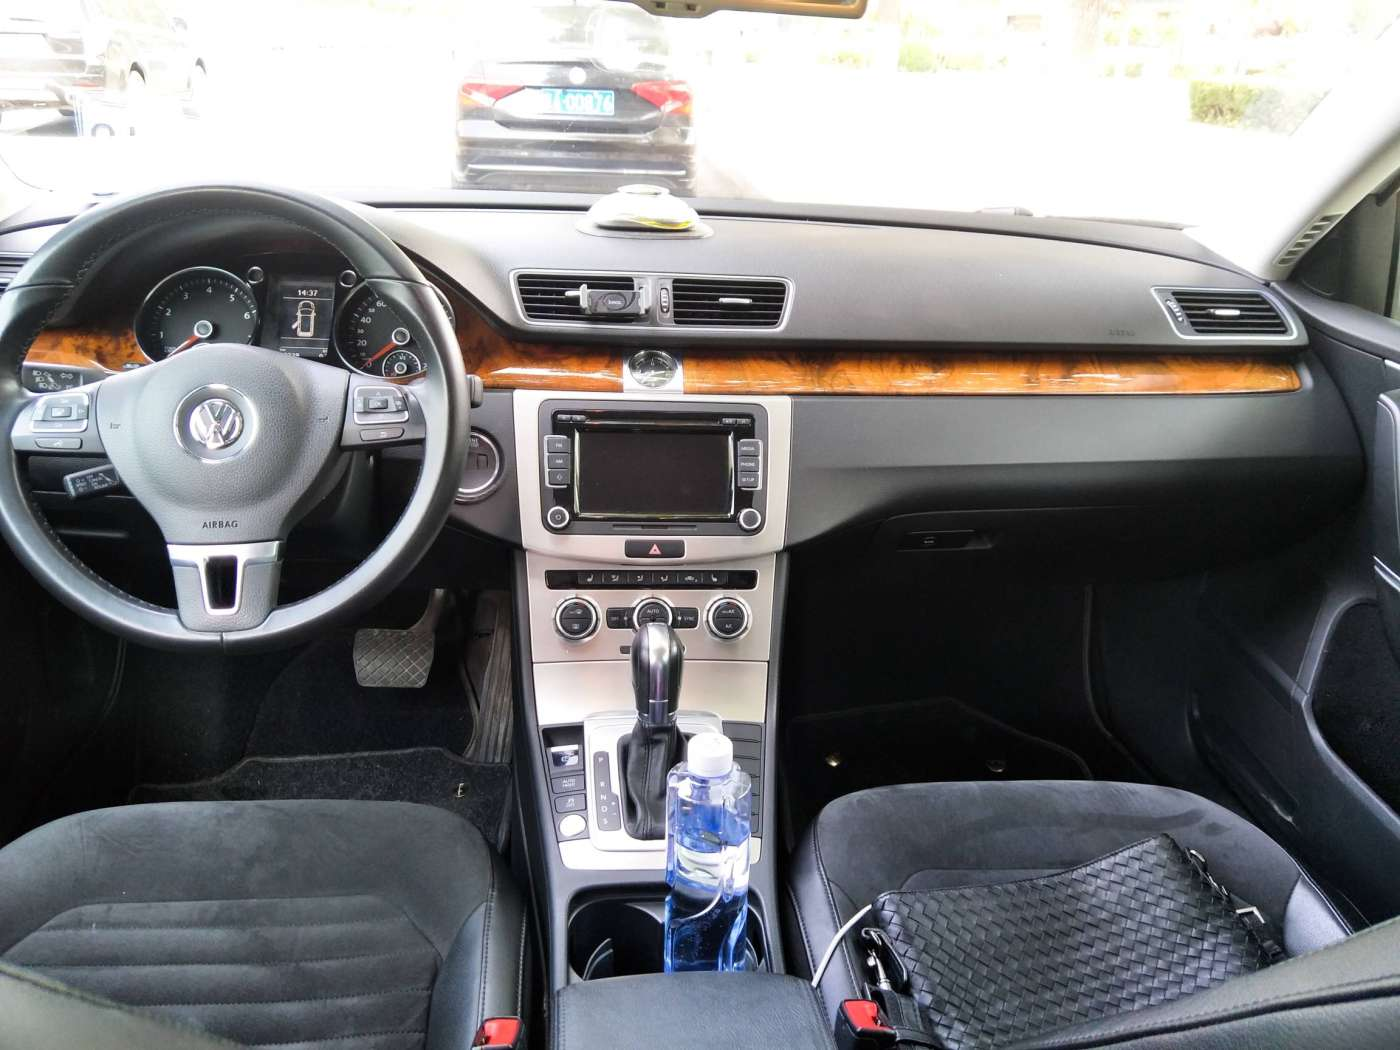 2014年04月 大众 迈腾(进口) 2012款 旅行版 2.0TSI 舒适型 甄选大众-北京卡斯基汽车服务有限公司